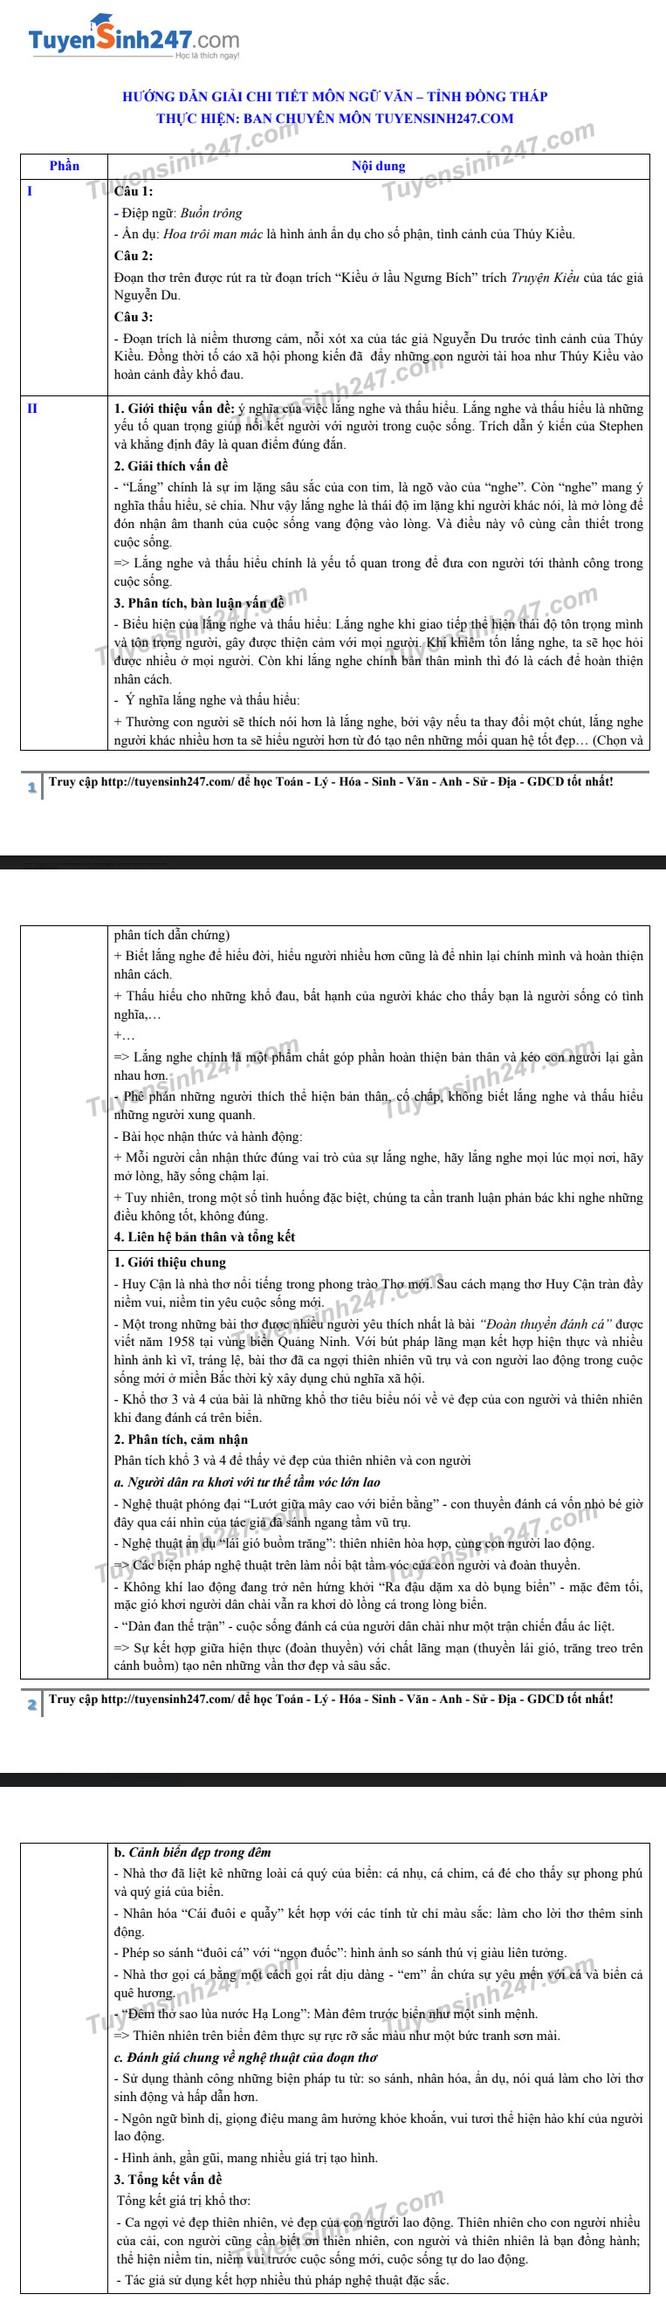 Tra cứu online đáp án đề thi tuyển sinh vào lớp 10 môn Ngữ Văn tỉnh Đồng Tháp năm 2020 ảnh 2